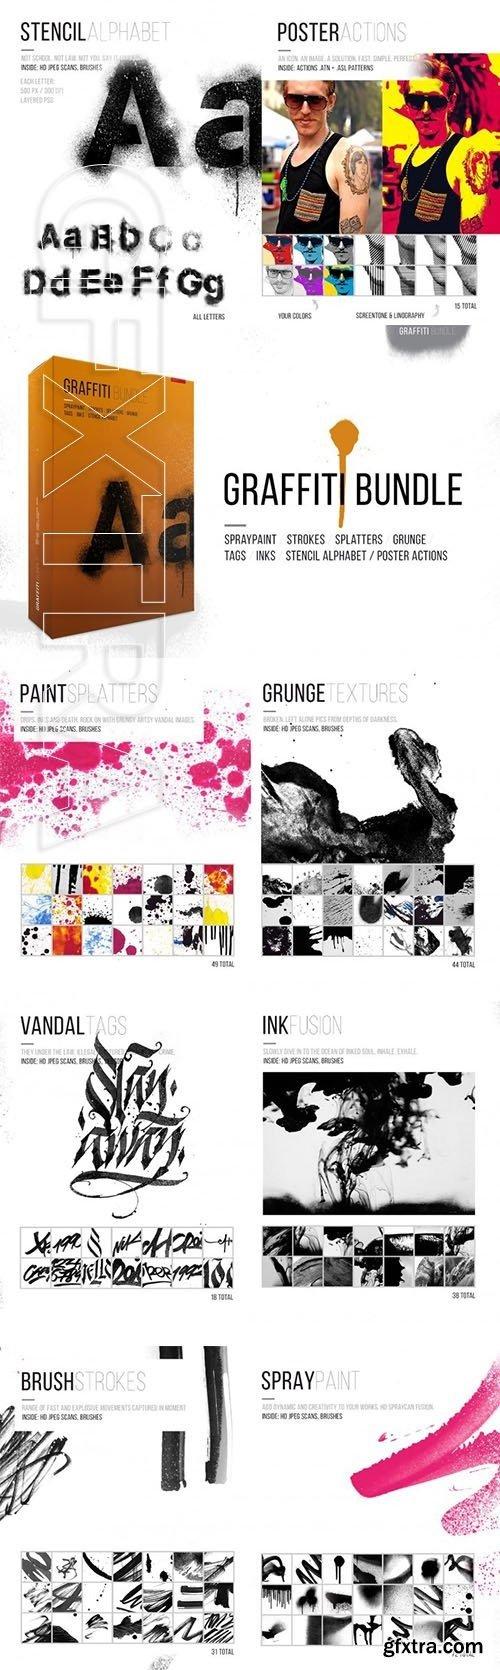 Graffiti Brushes & Actions MASTER Bundle